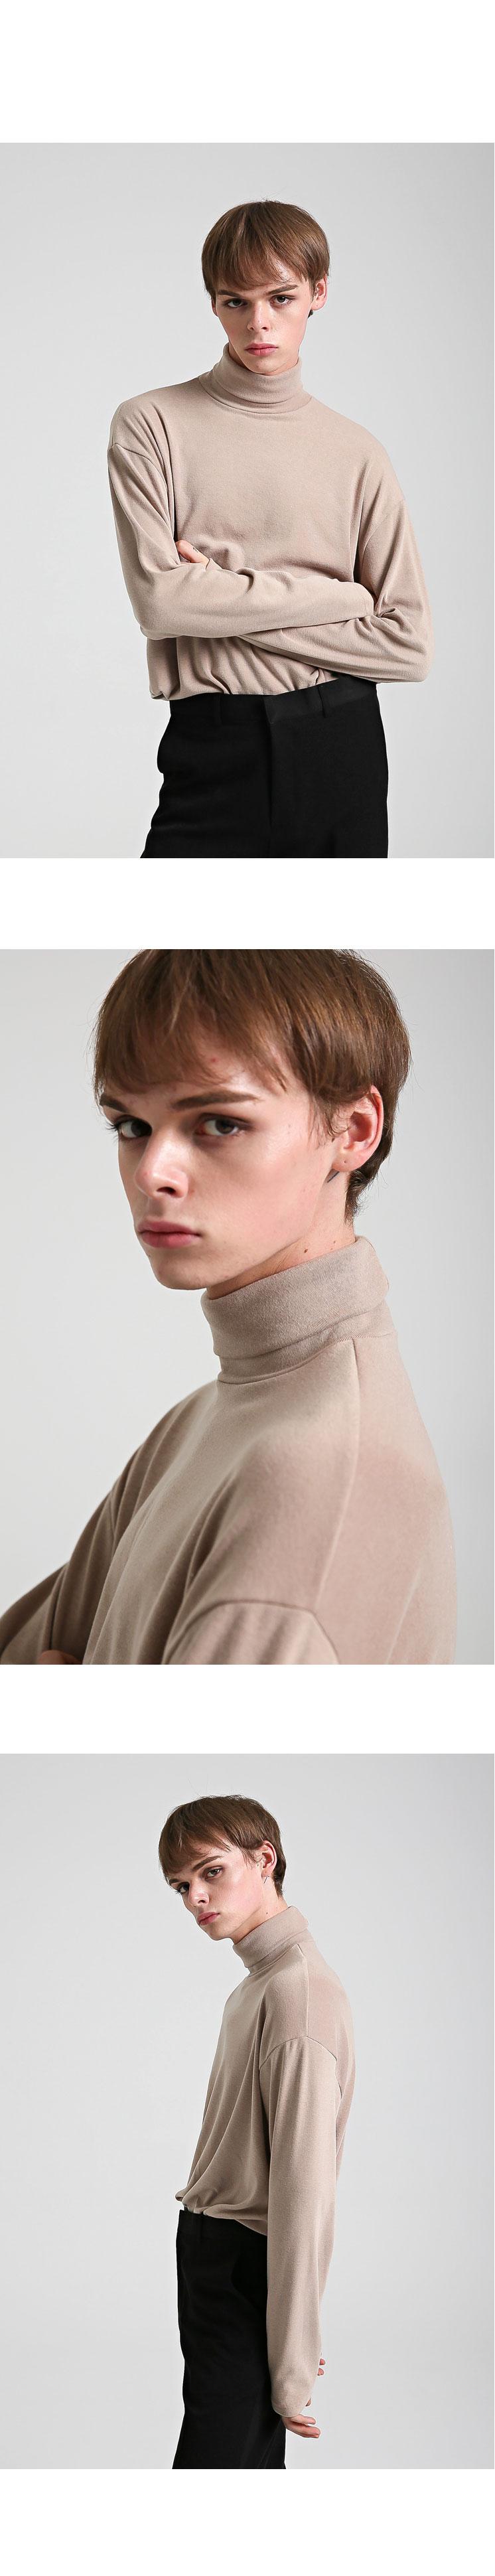 이에스엔(ESN) 퍼펙트 터틀넥 니트 티셔츠 베이지